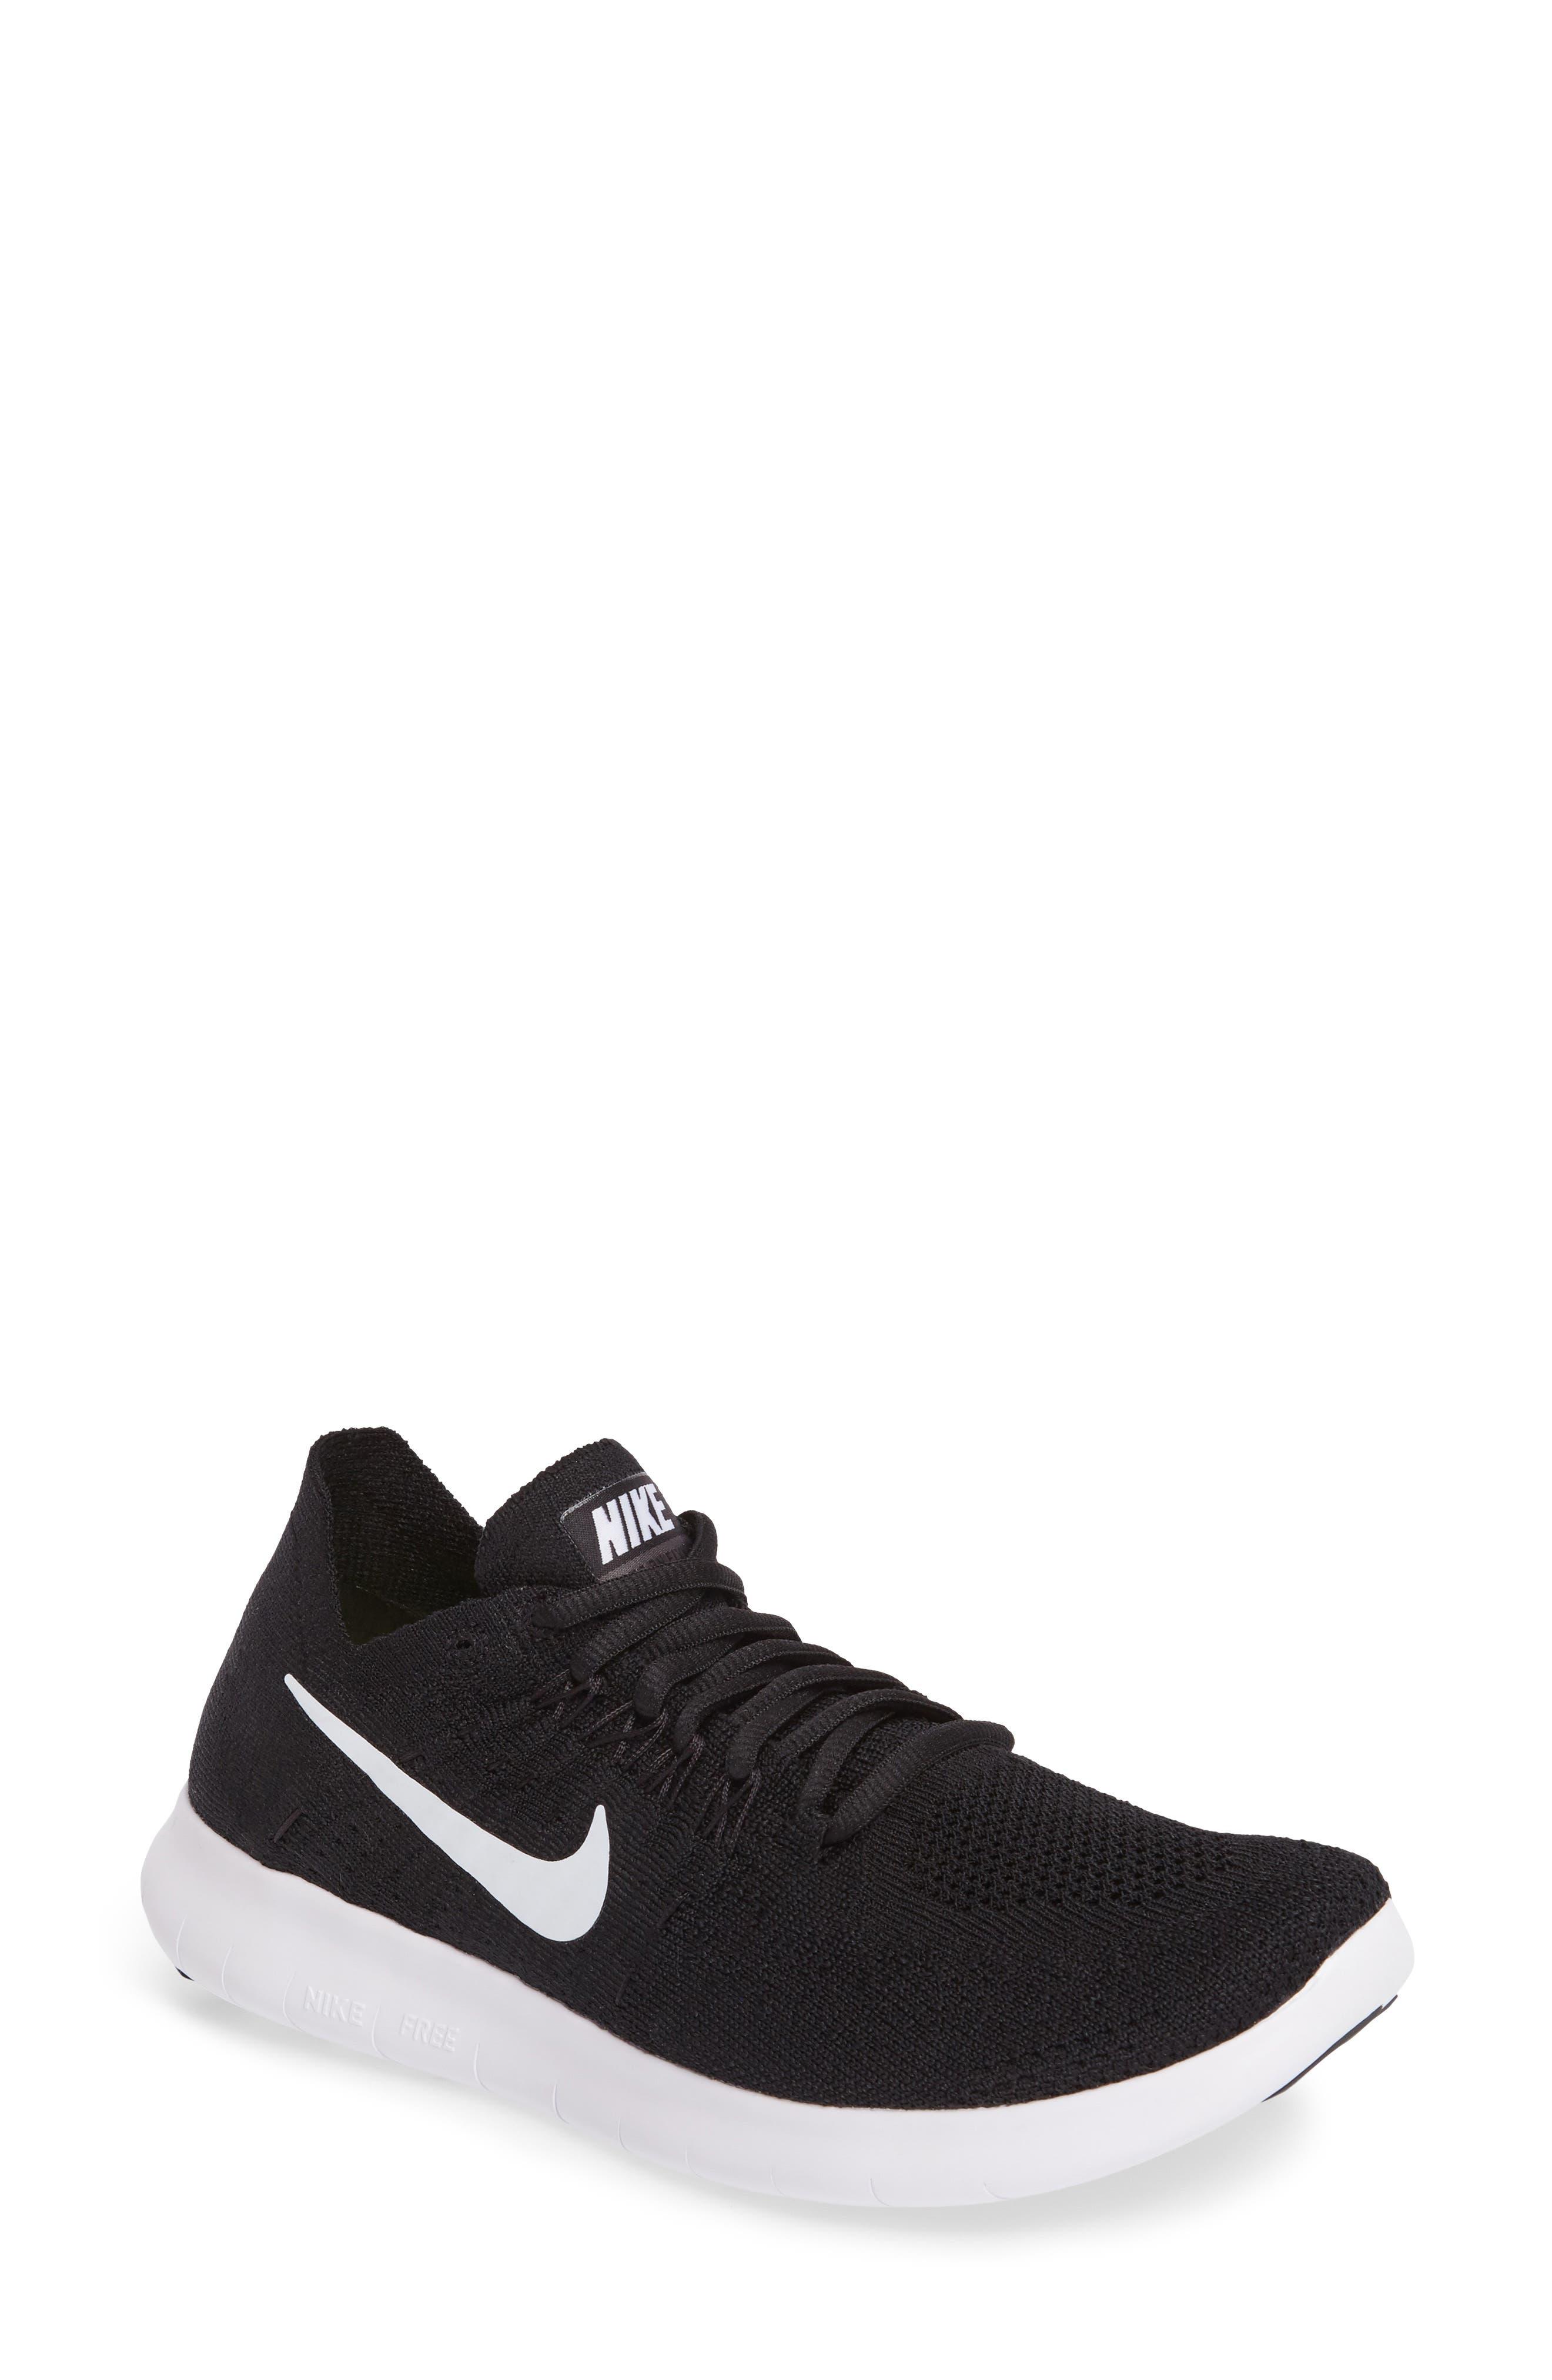 Nike Free Run Flyknit 2 Running Shoe (Women)